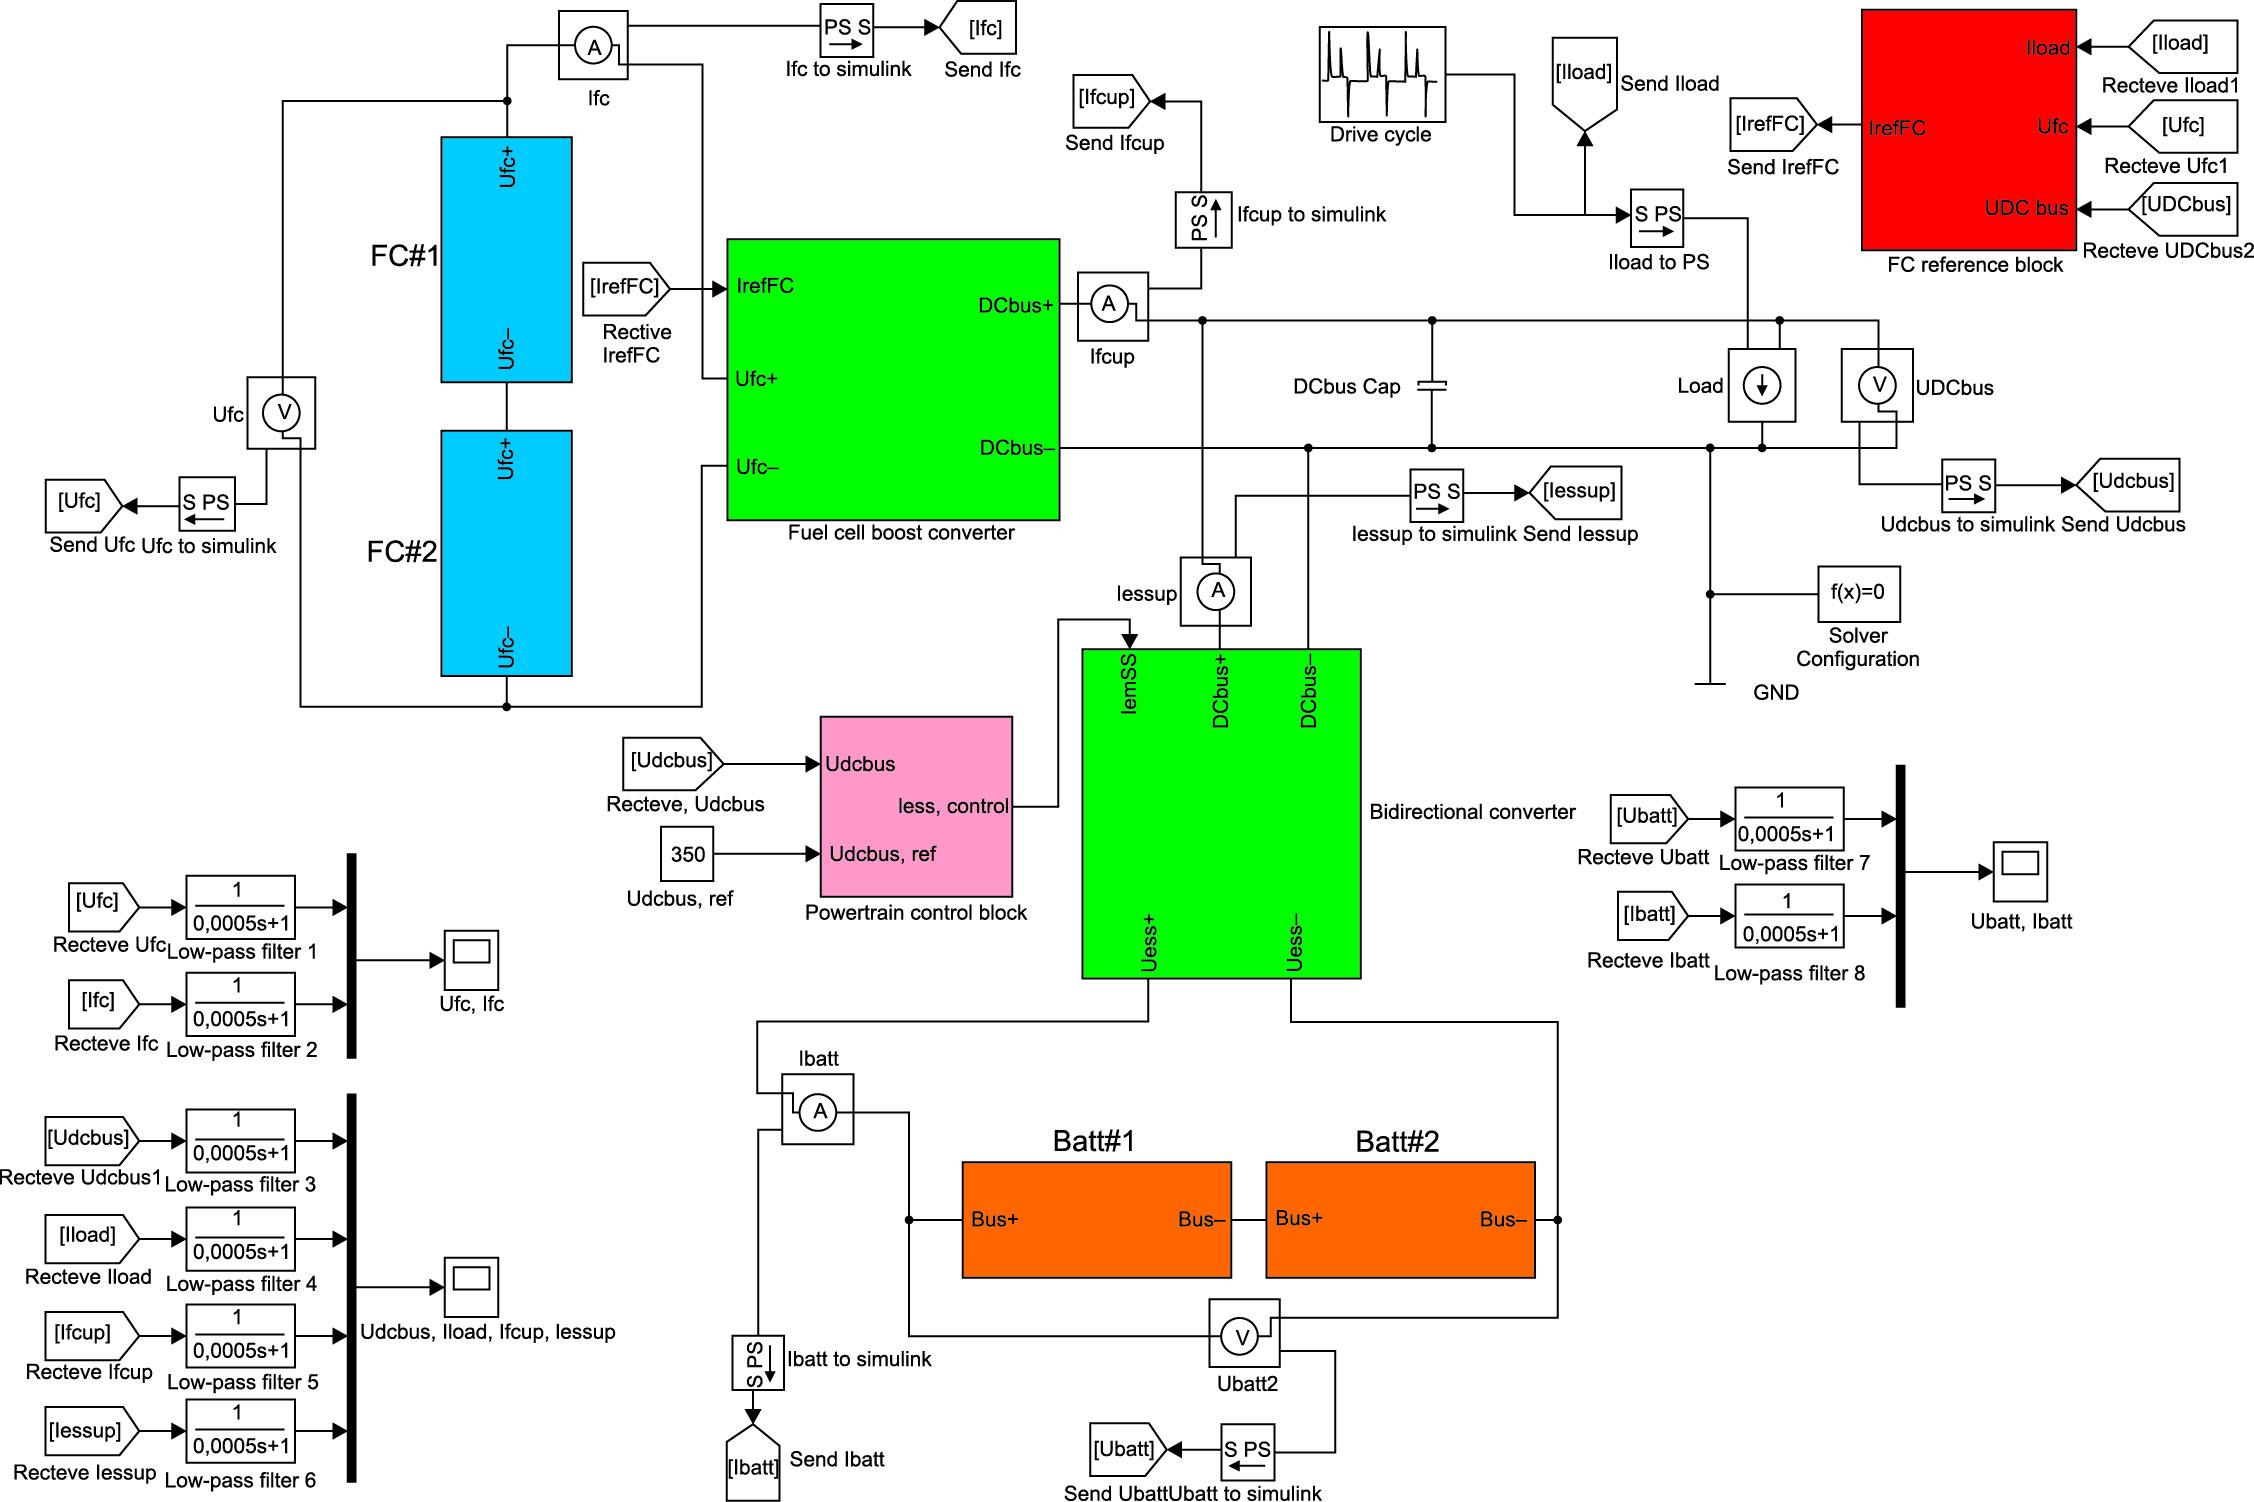 Модель двухпотоковой гибридной трансмиссии на топливных элементах